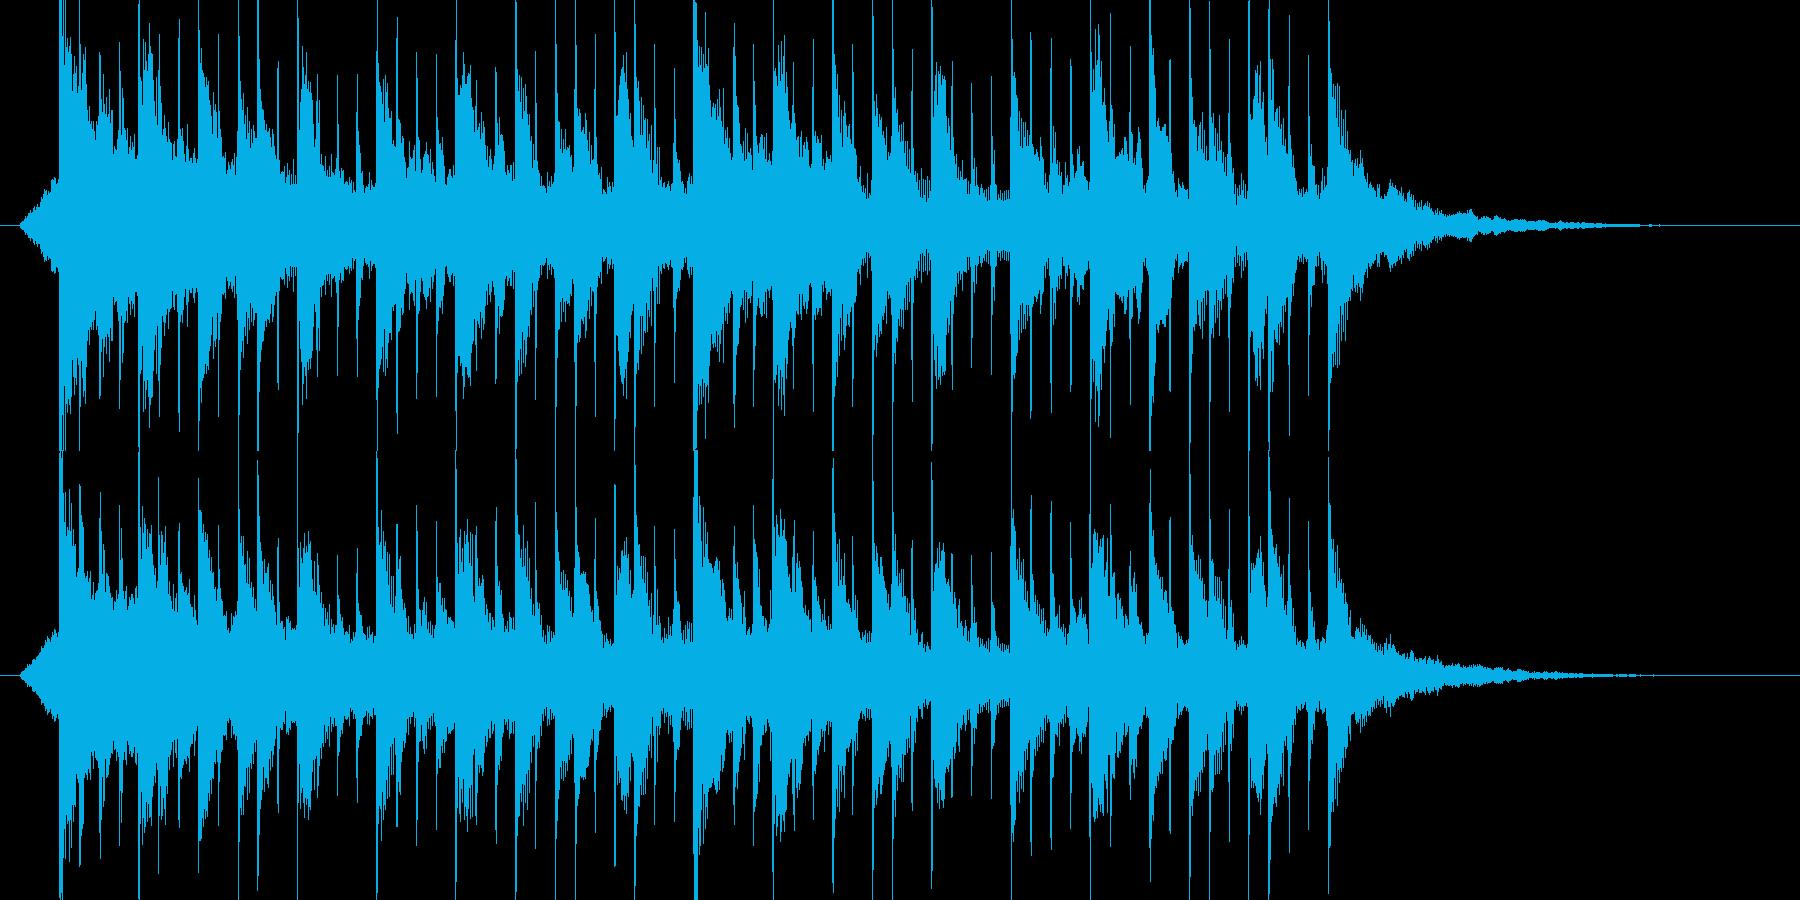 ミステリアス、ジングル、サウンドロゴの再生済みの波形